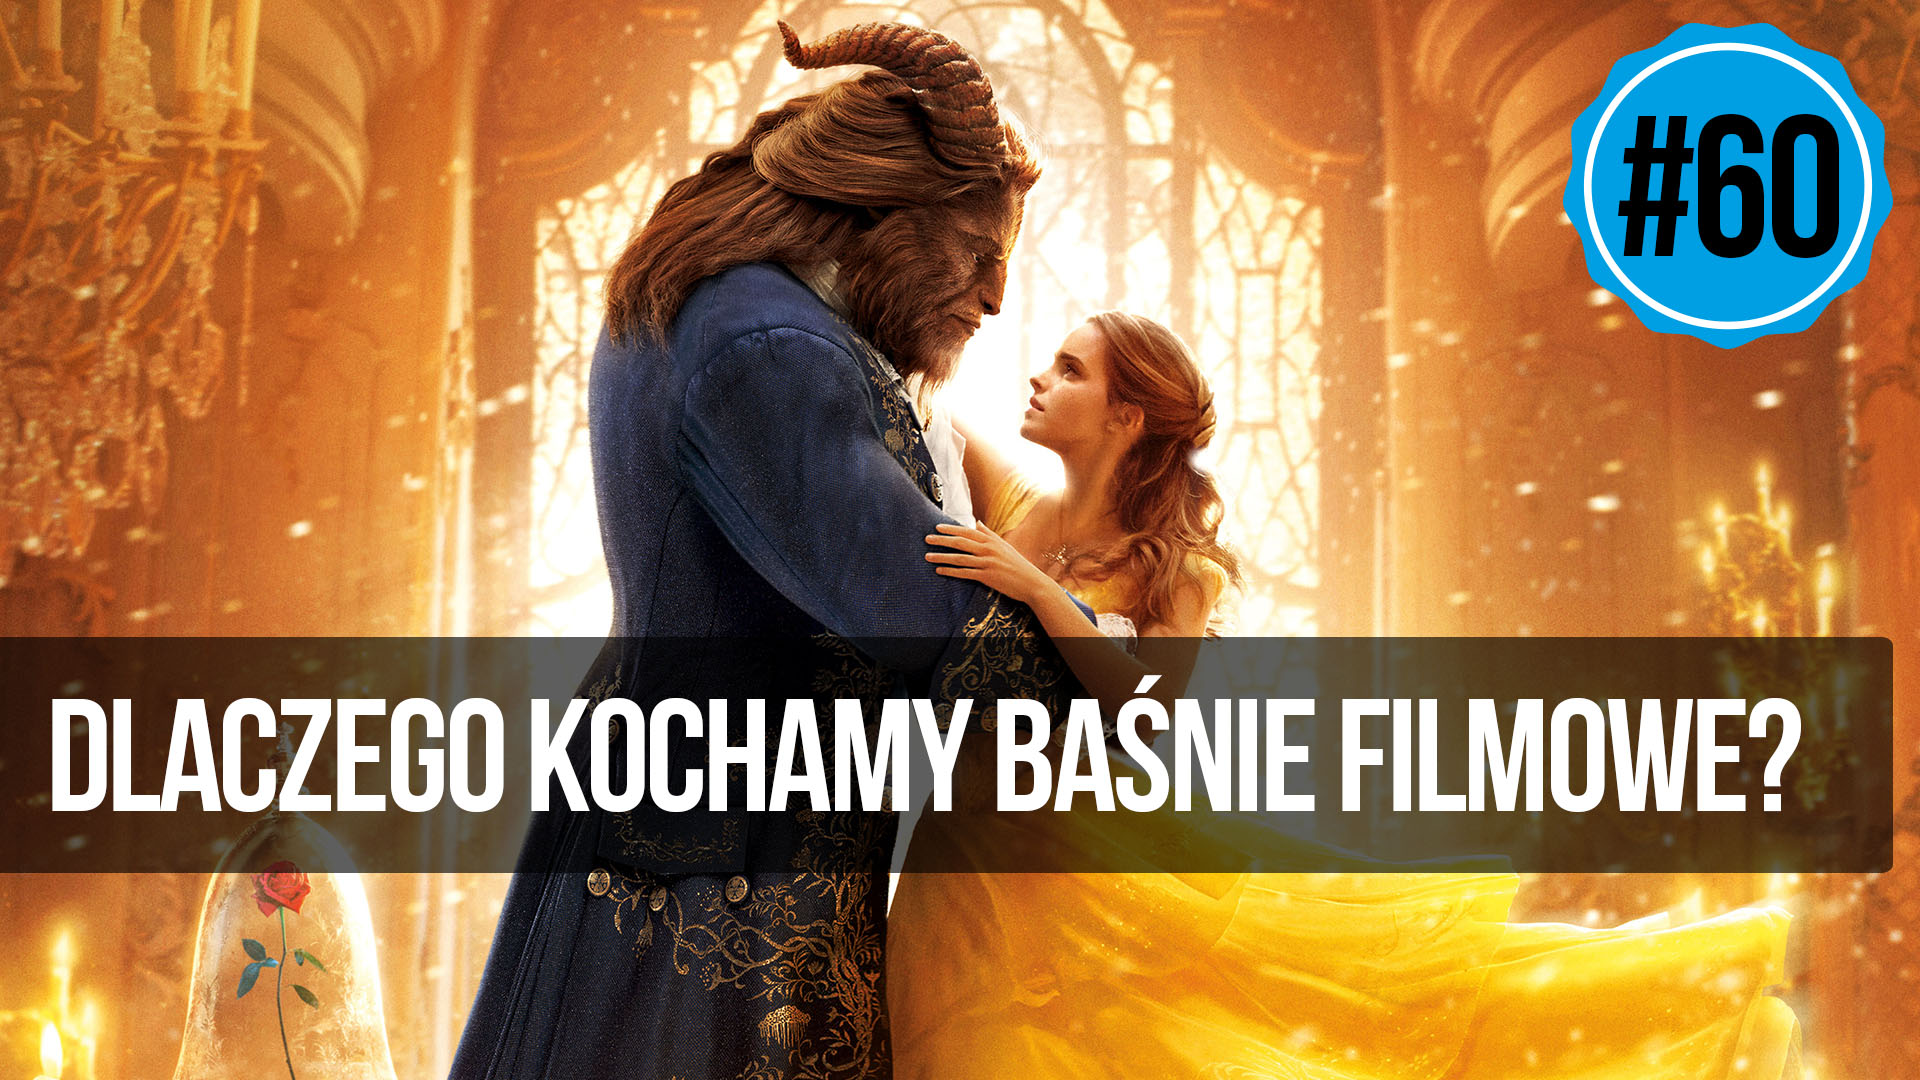 naEKRANACH #60 – Dlaczego kochamy baśnie filmowe?